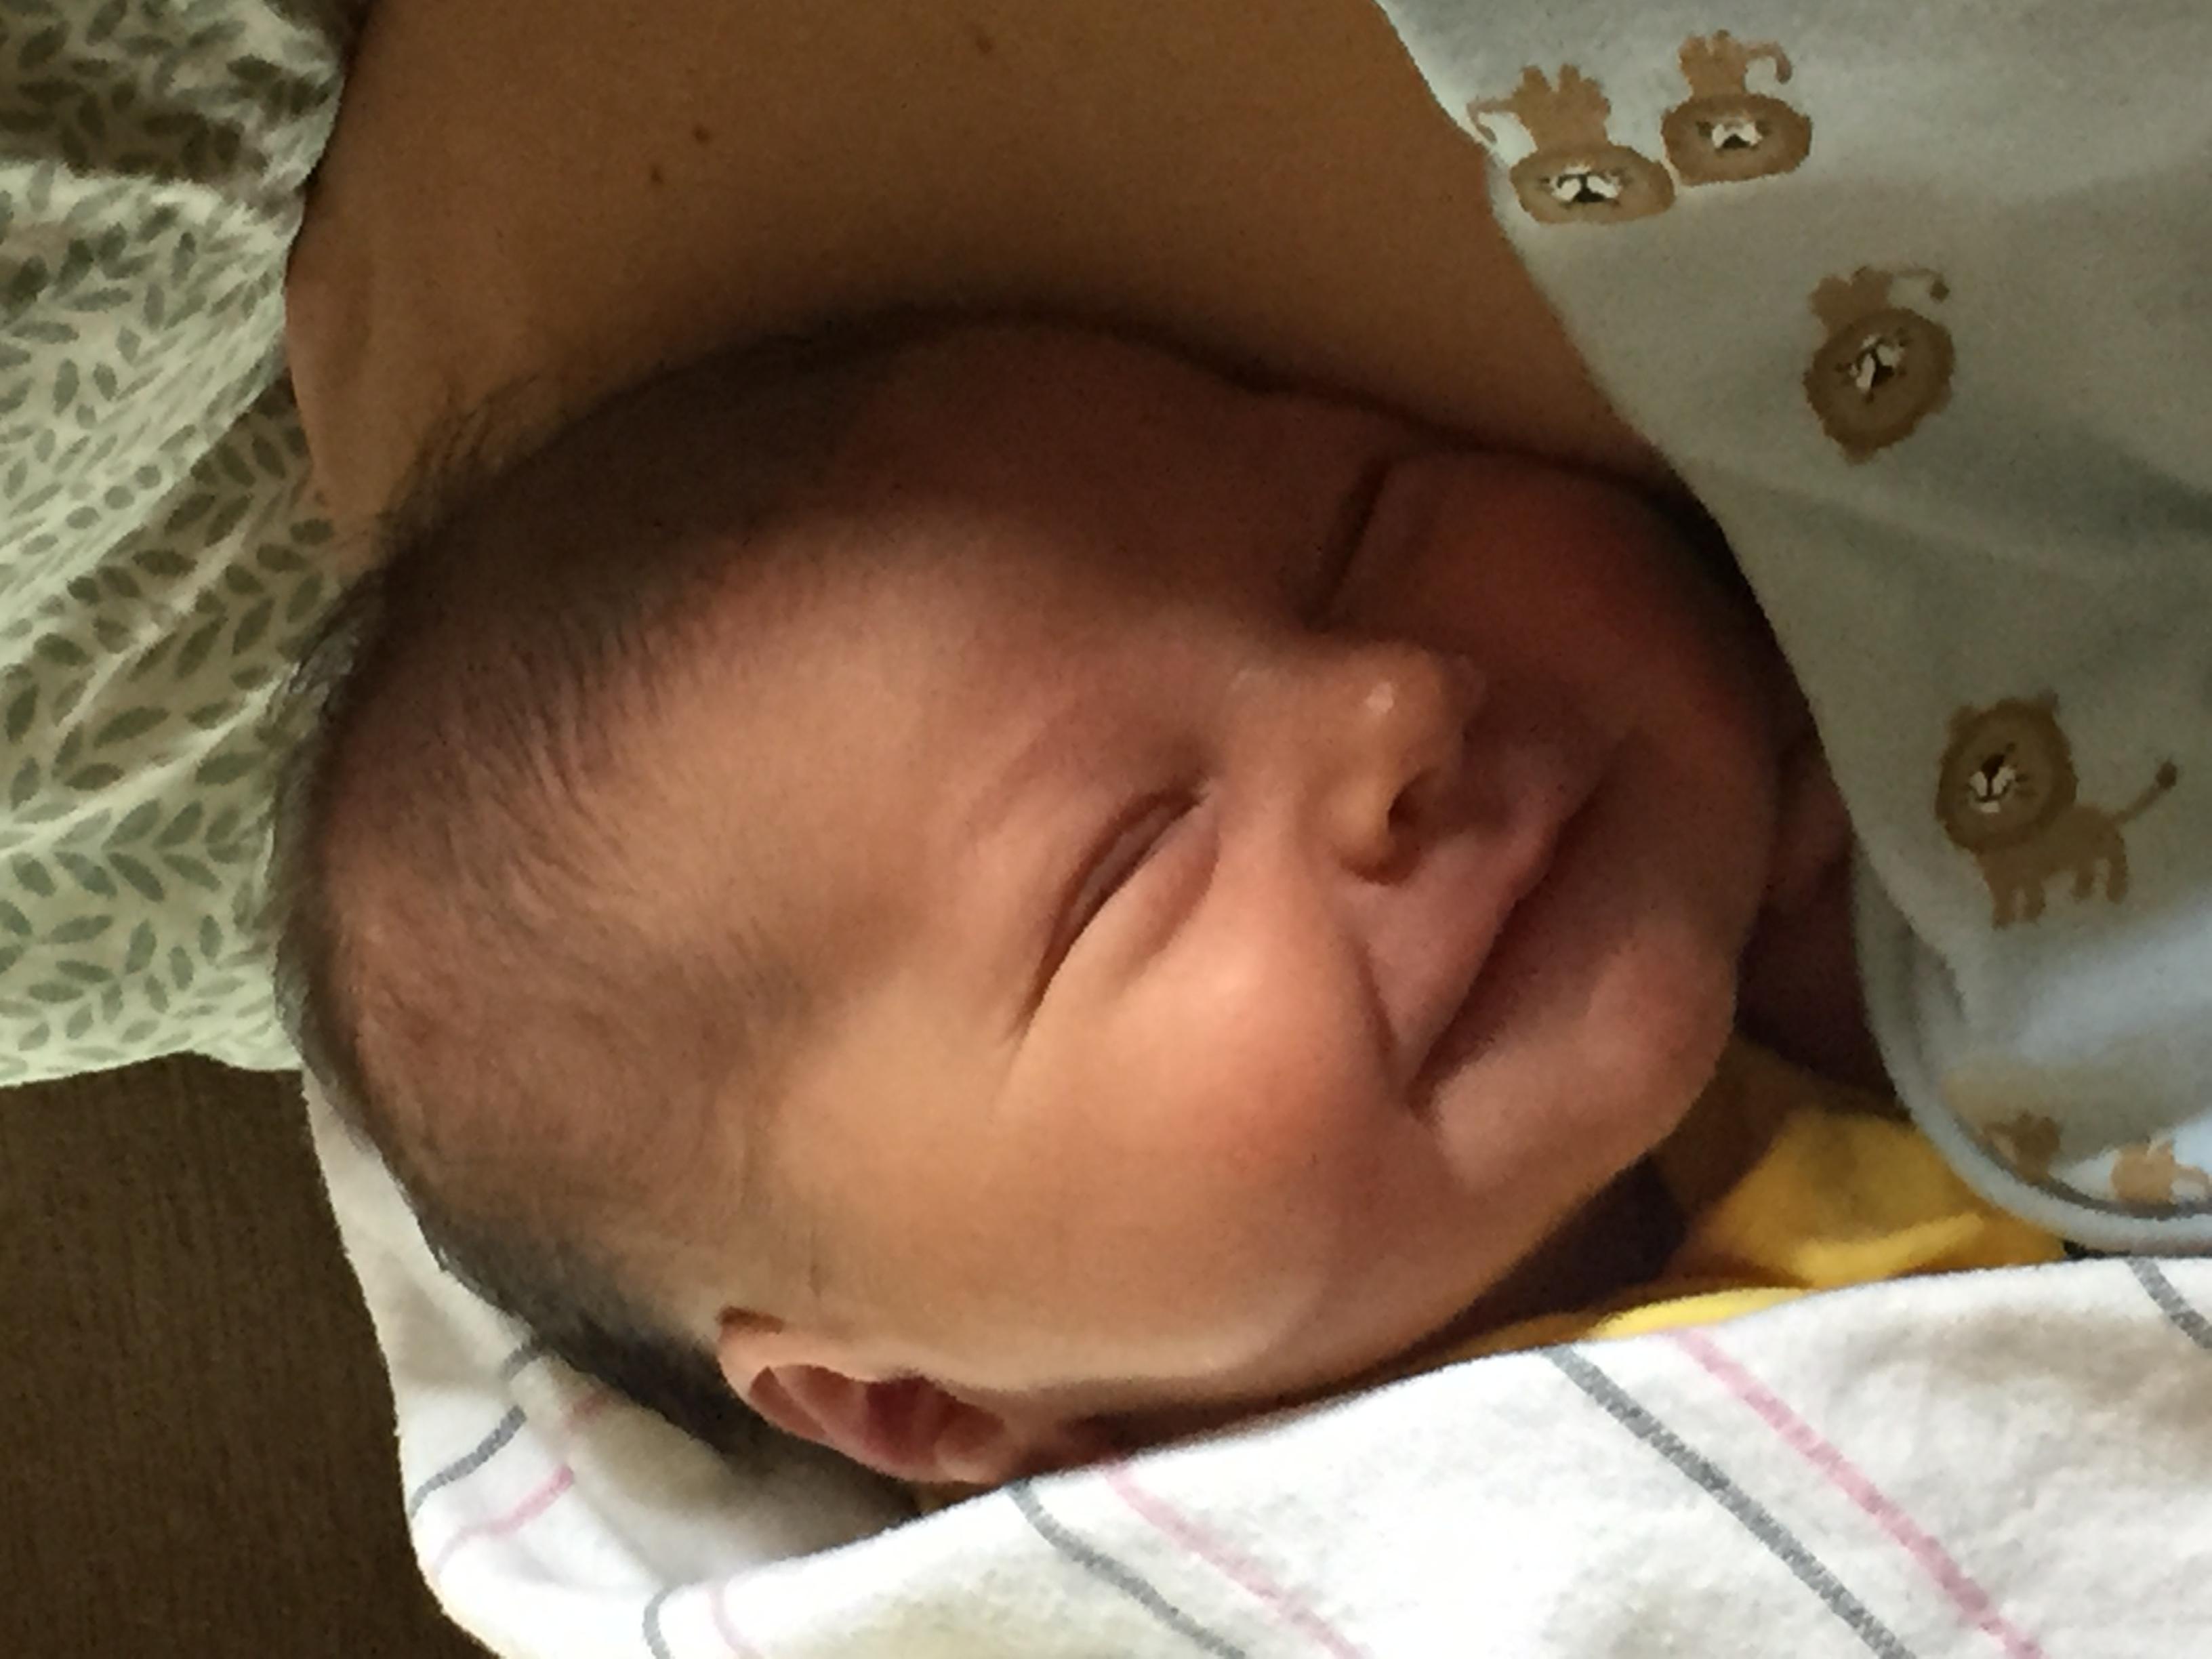 hudson smiling